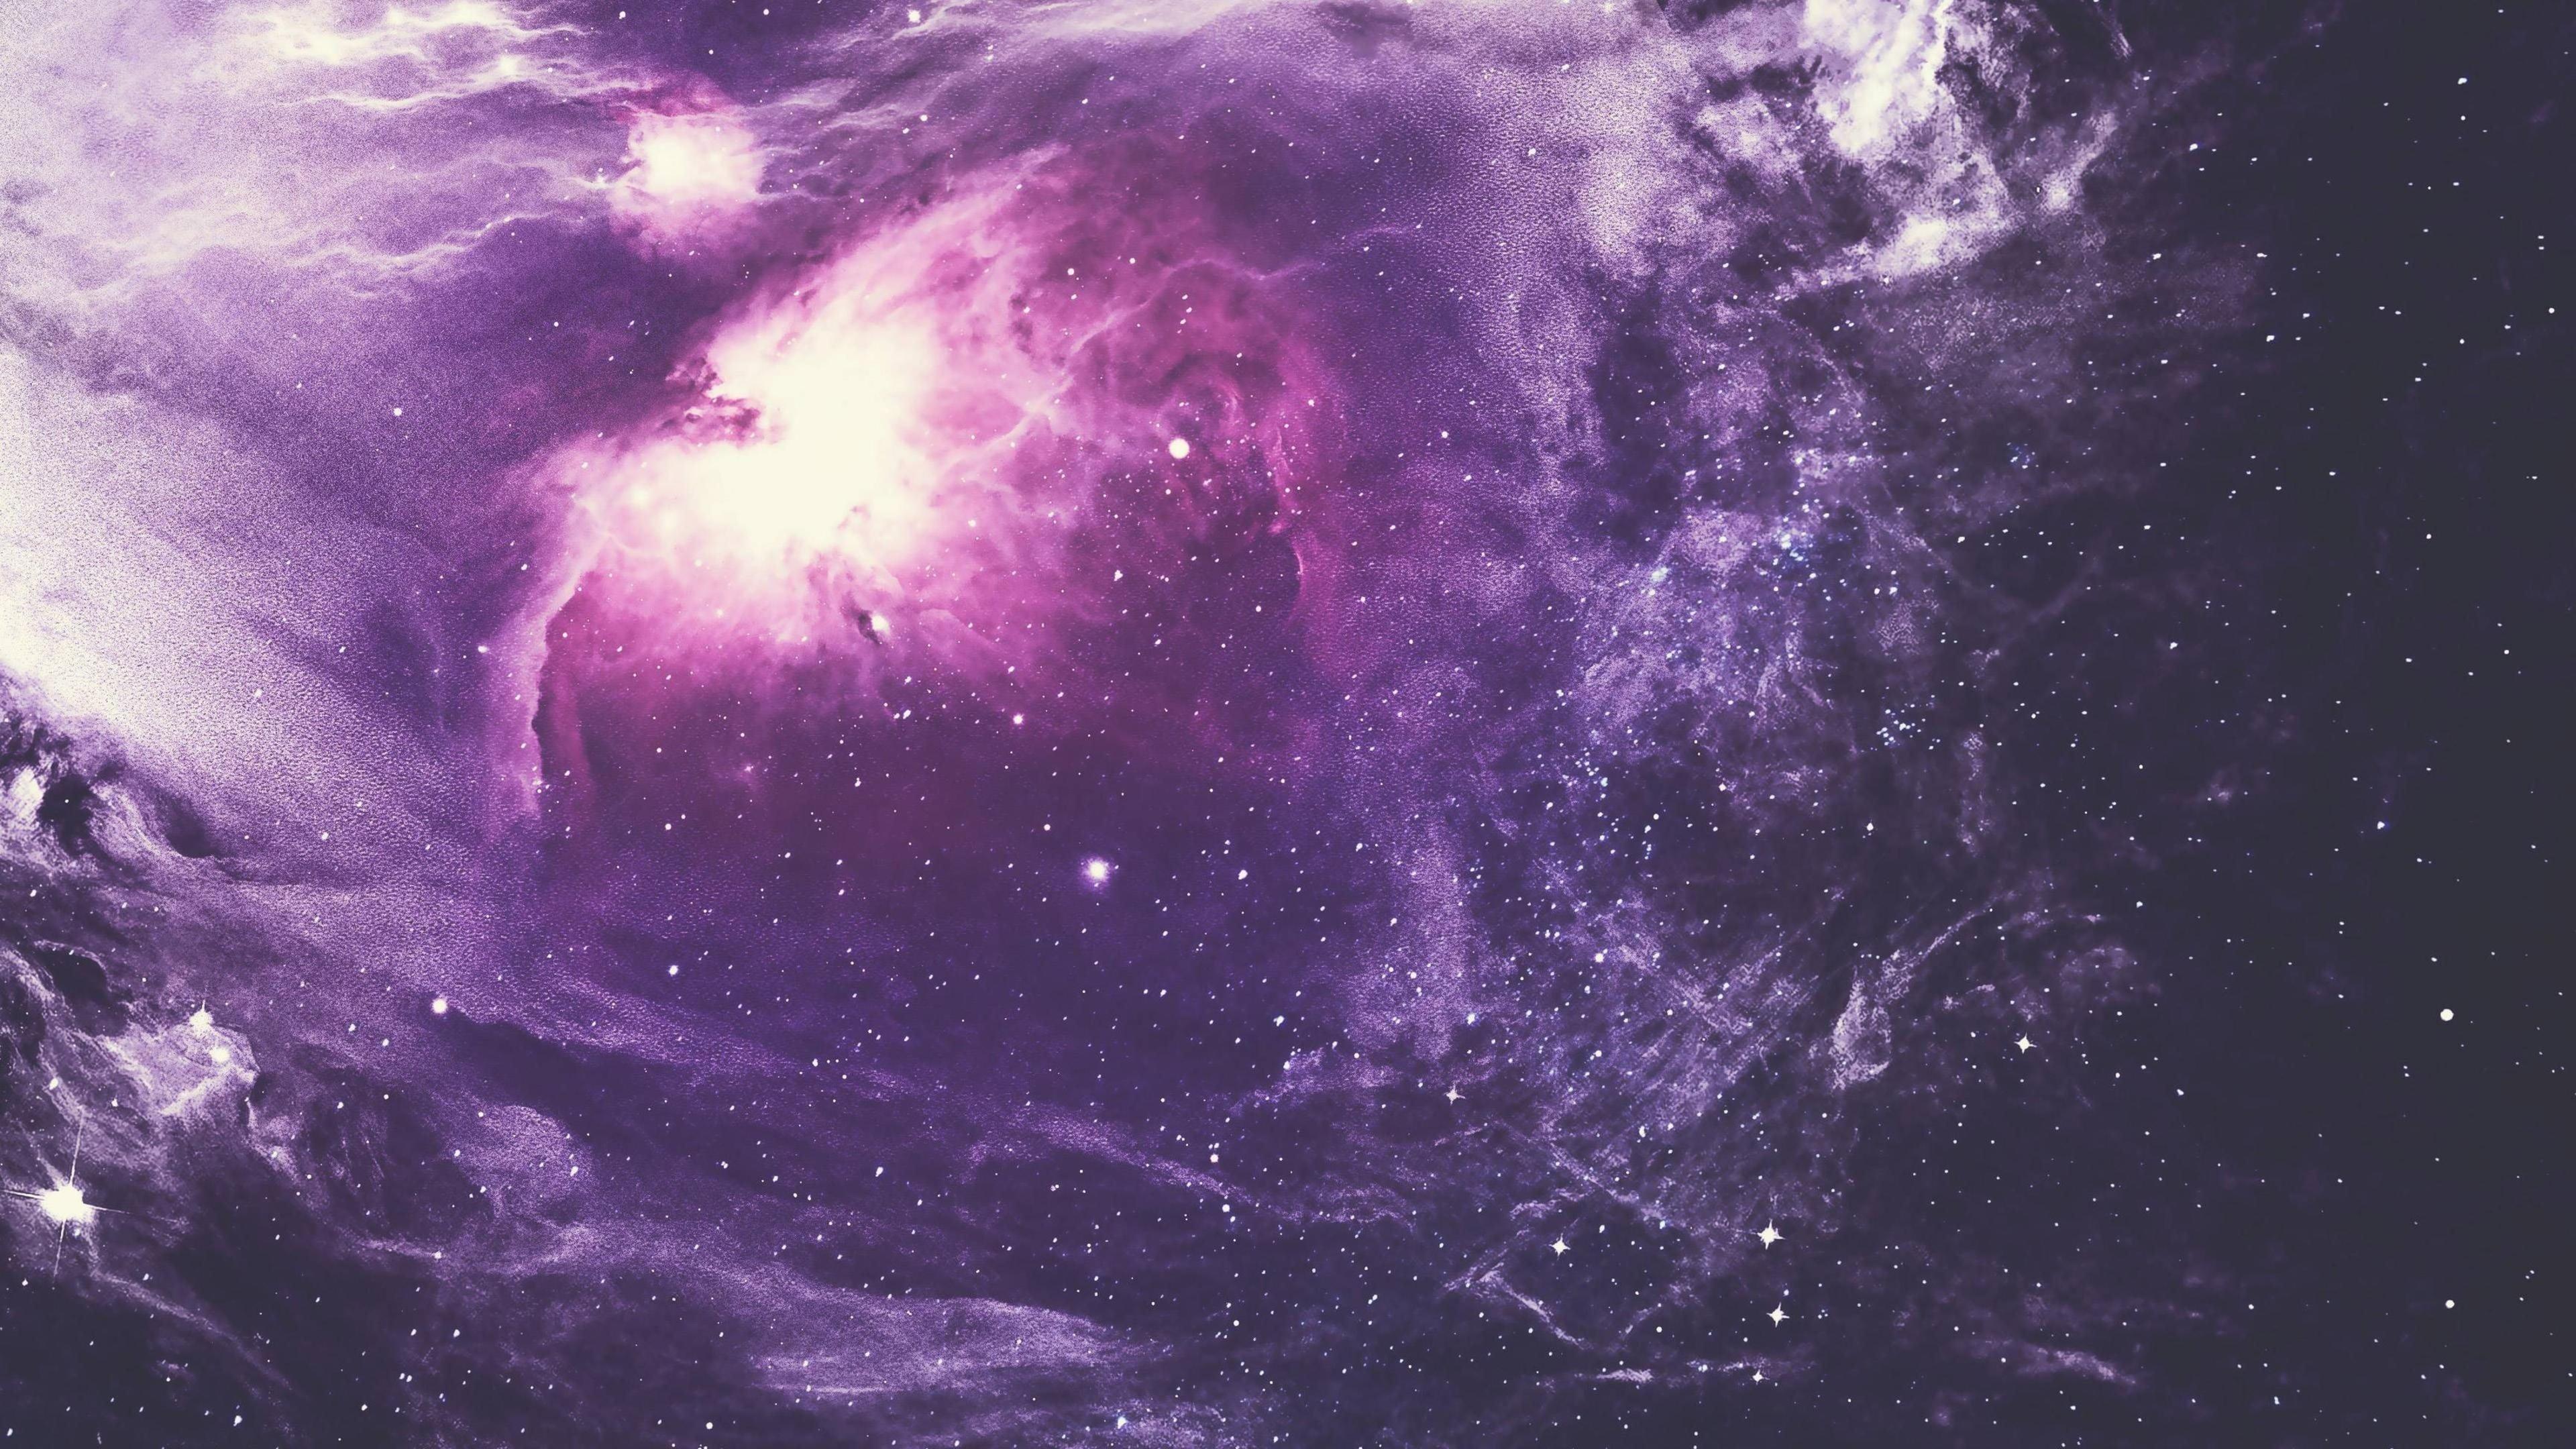 была космос картинки свега стихи покупкой